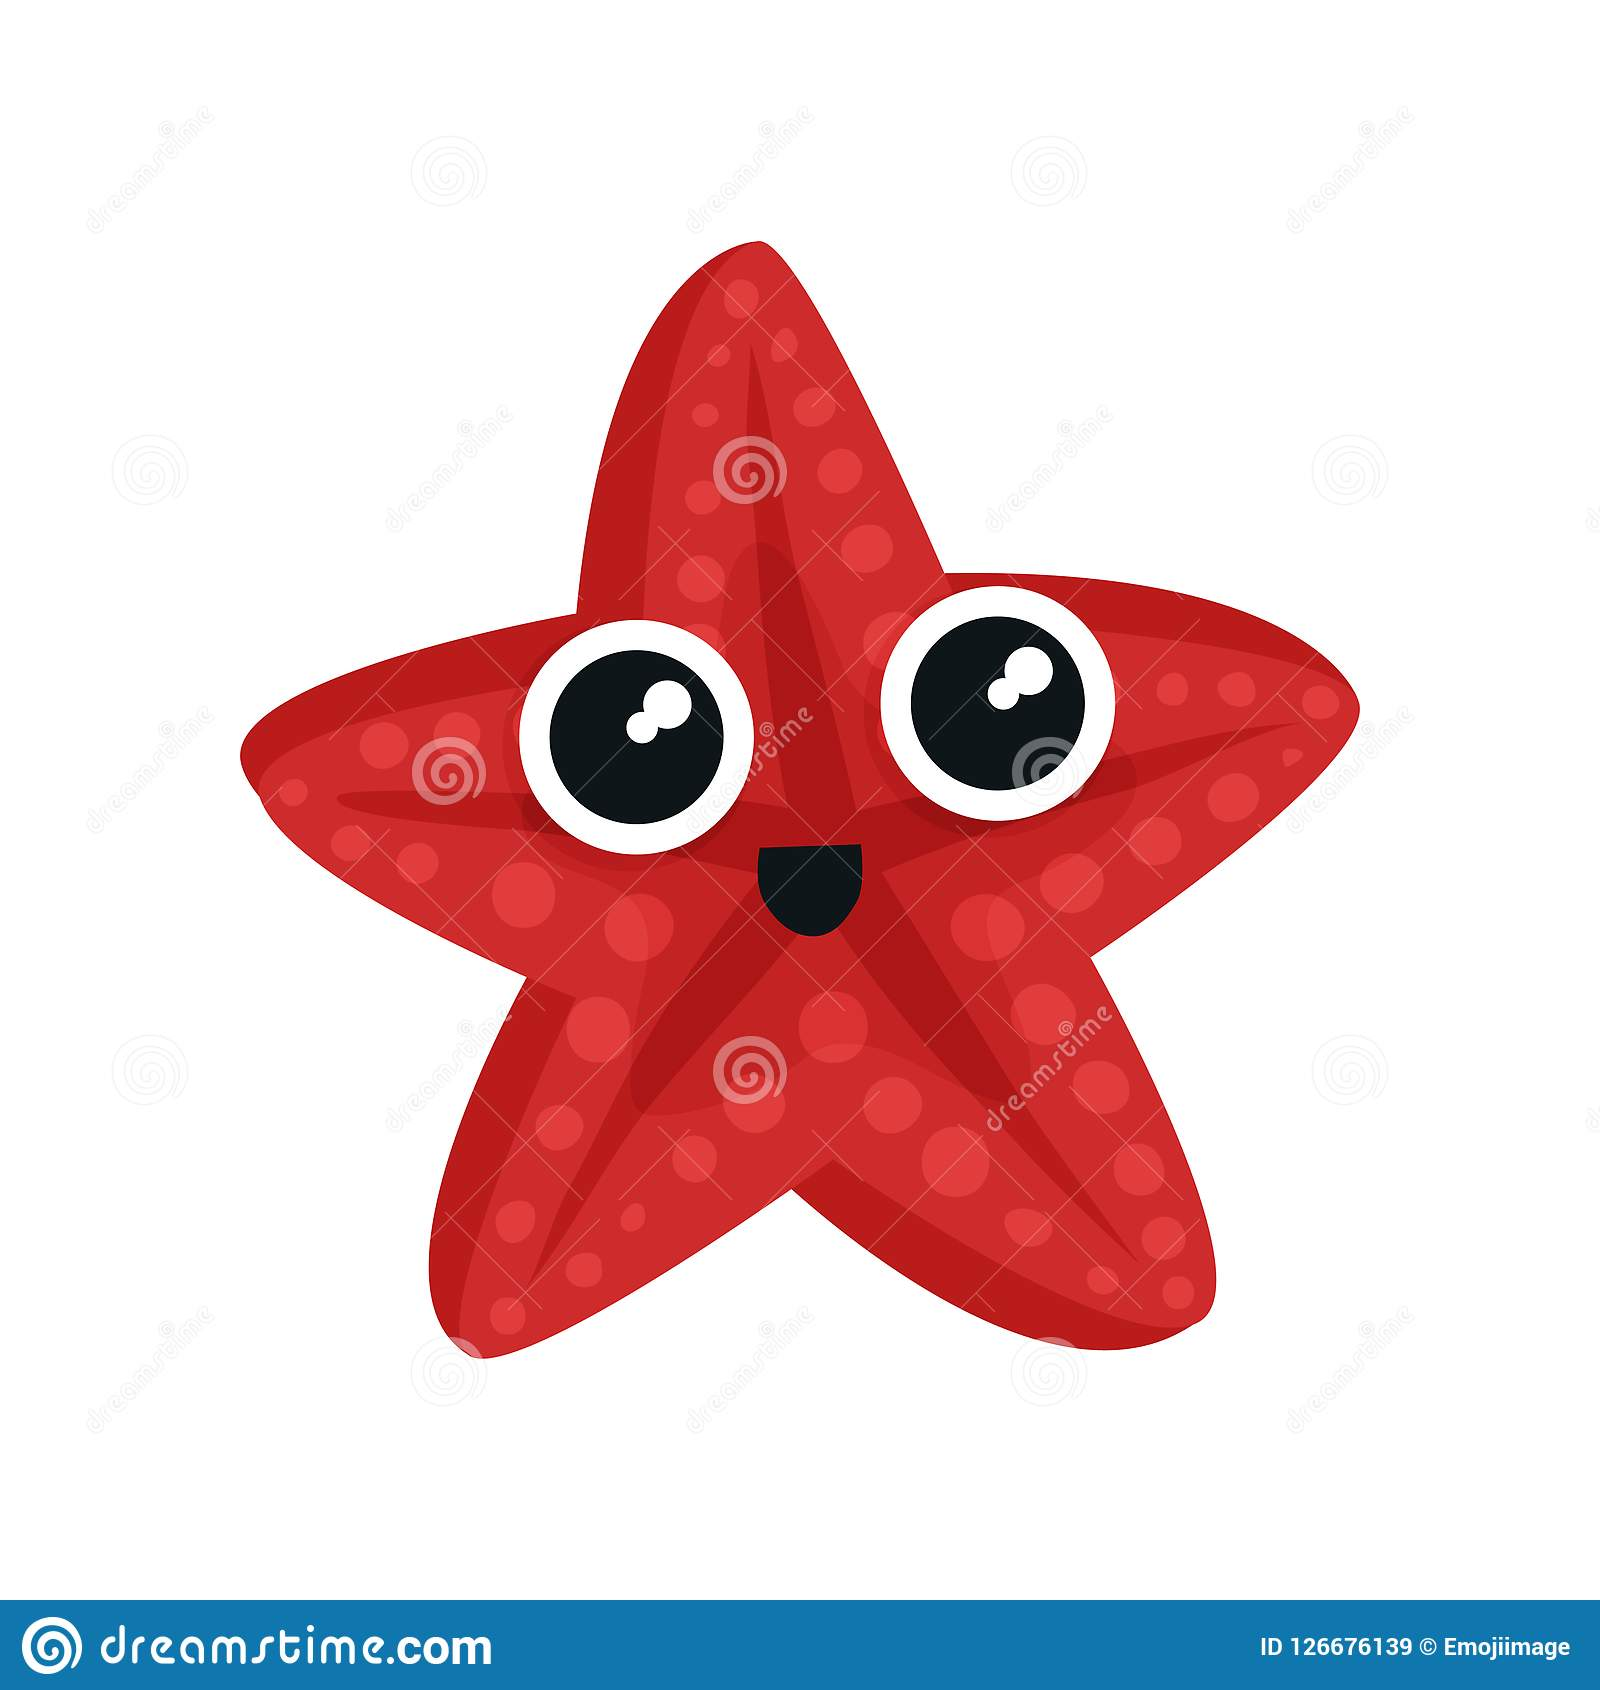 Χαριτωμένο αστέρι Ερυθρών Θαλασσών με τα μεγάλα λαμπρά μάτια Λατρευτό θαλάσσιο πλάσμα Μικρό υδρόβιο ζώο Επίπεδο διάνυσμα για την